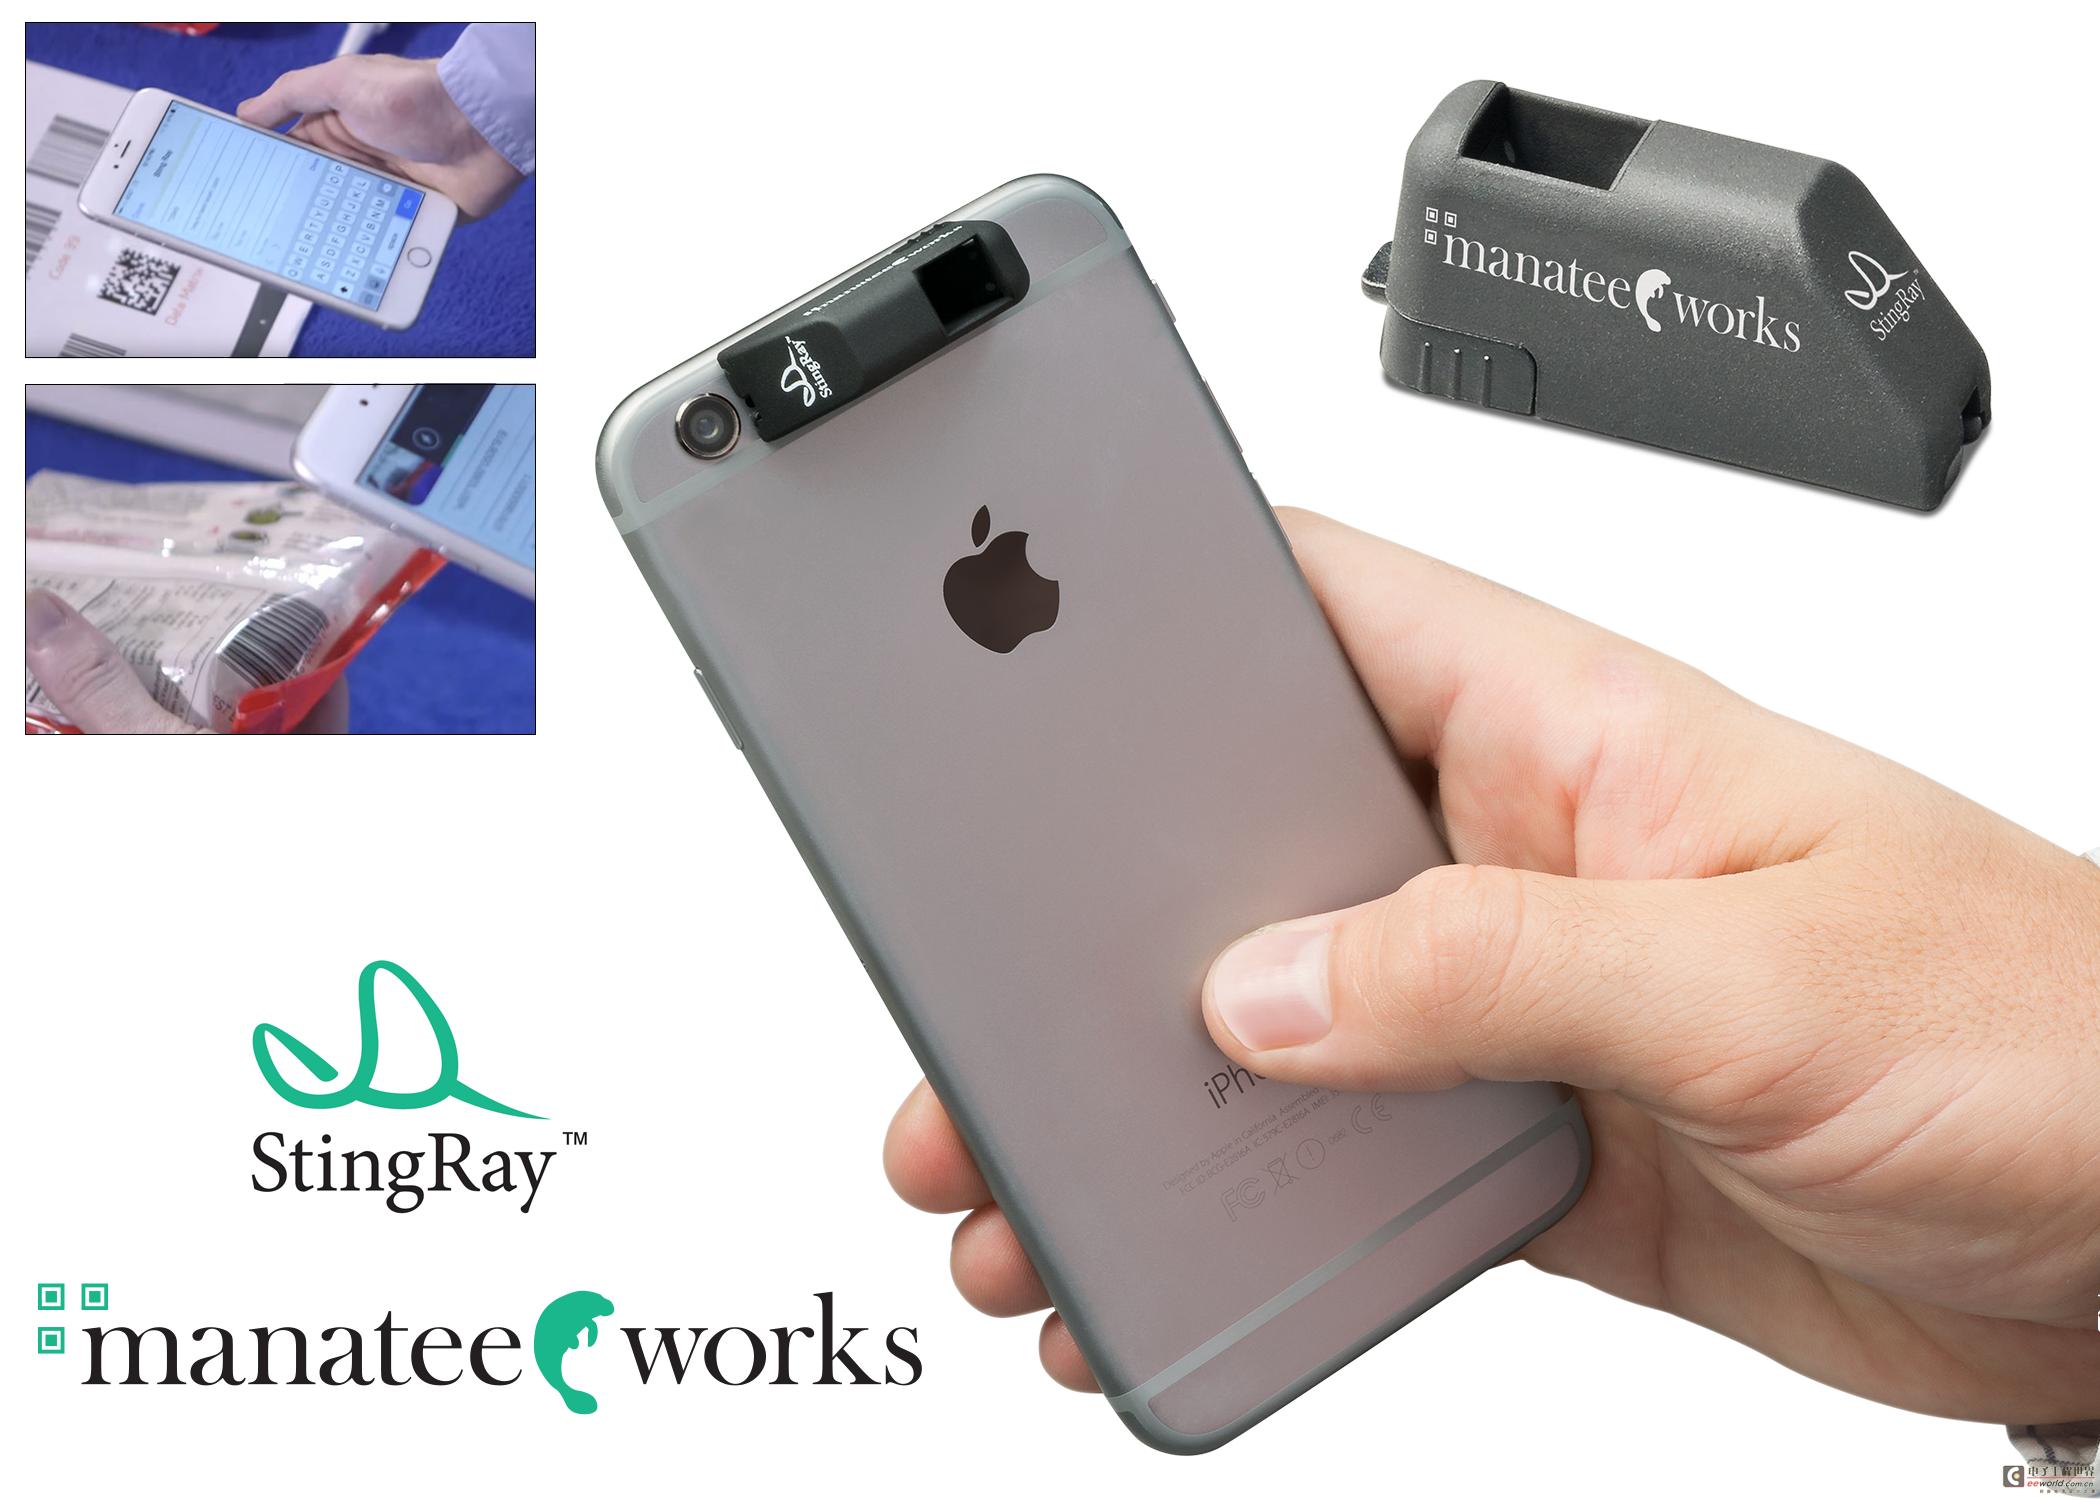 康耐视推出适用于移动设备的StingRay 连接式条码扫描配件